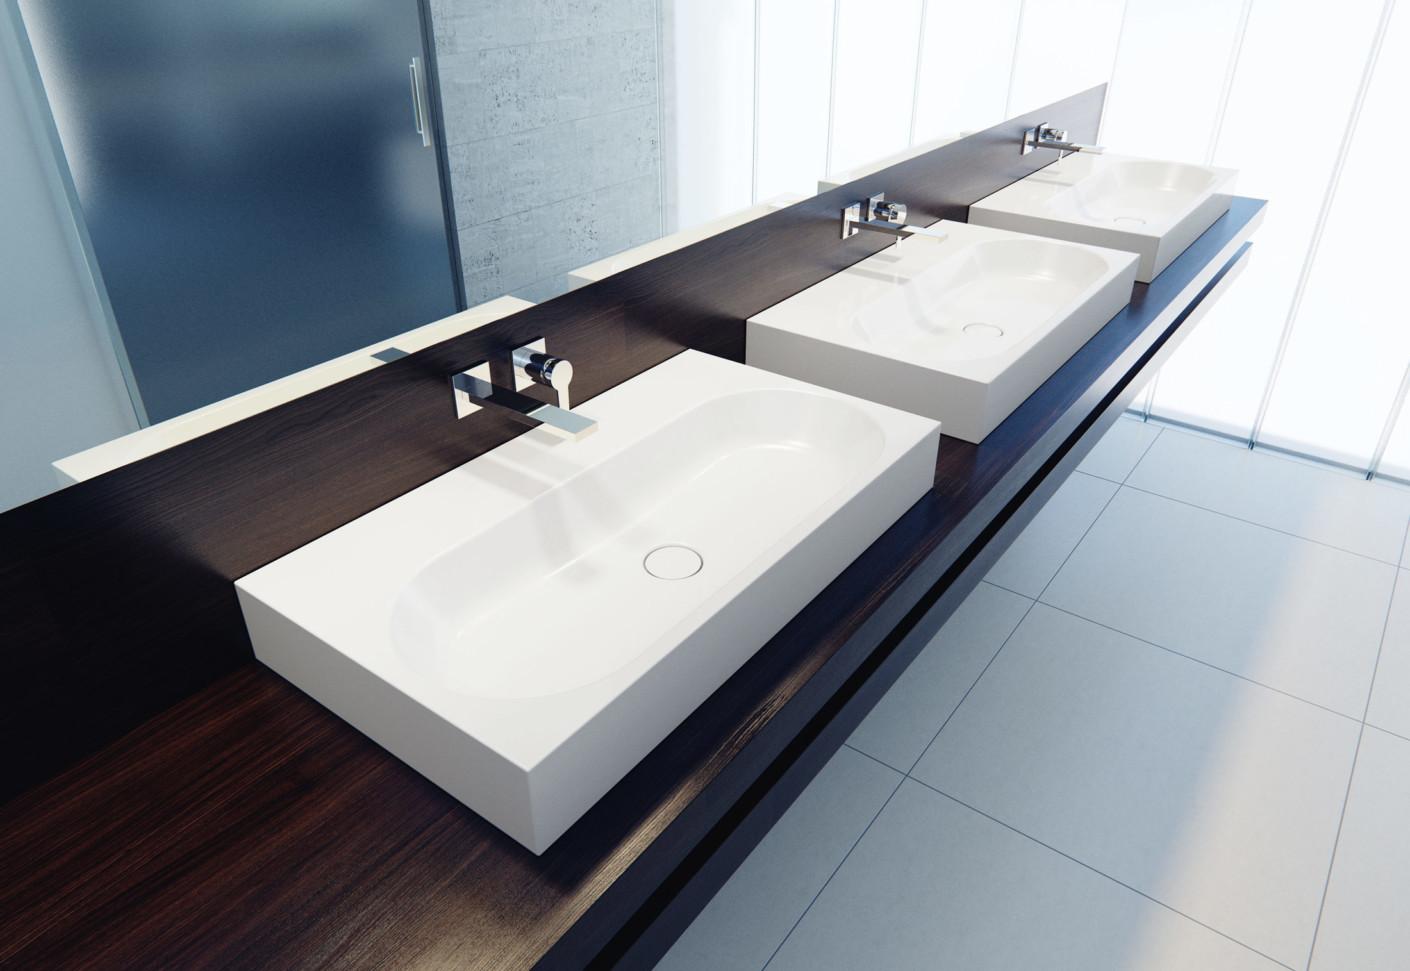 centro aufbau waschbecken von kaldewei stylepark. Black Bedroom Furniture Sets. Home Design Ideas